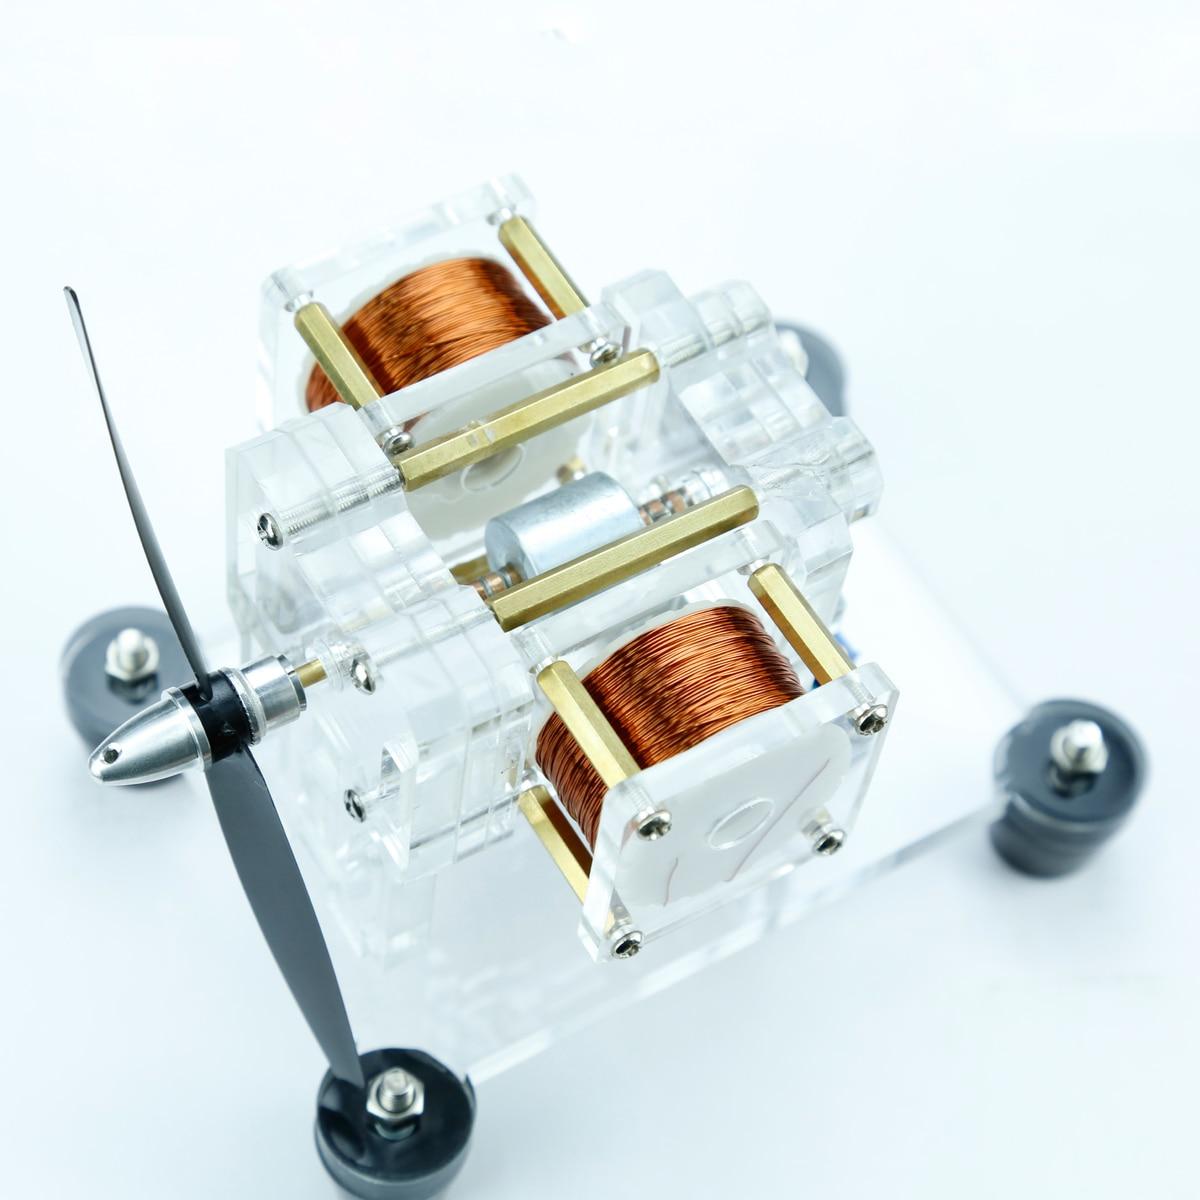 Science Innovation Micro métal moteur modèle Brushless moteur cadeau d'anniversaire unisexe jouets pour enfants livraison gratuite - 2